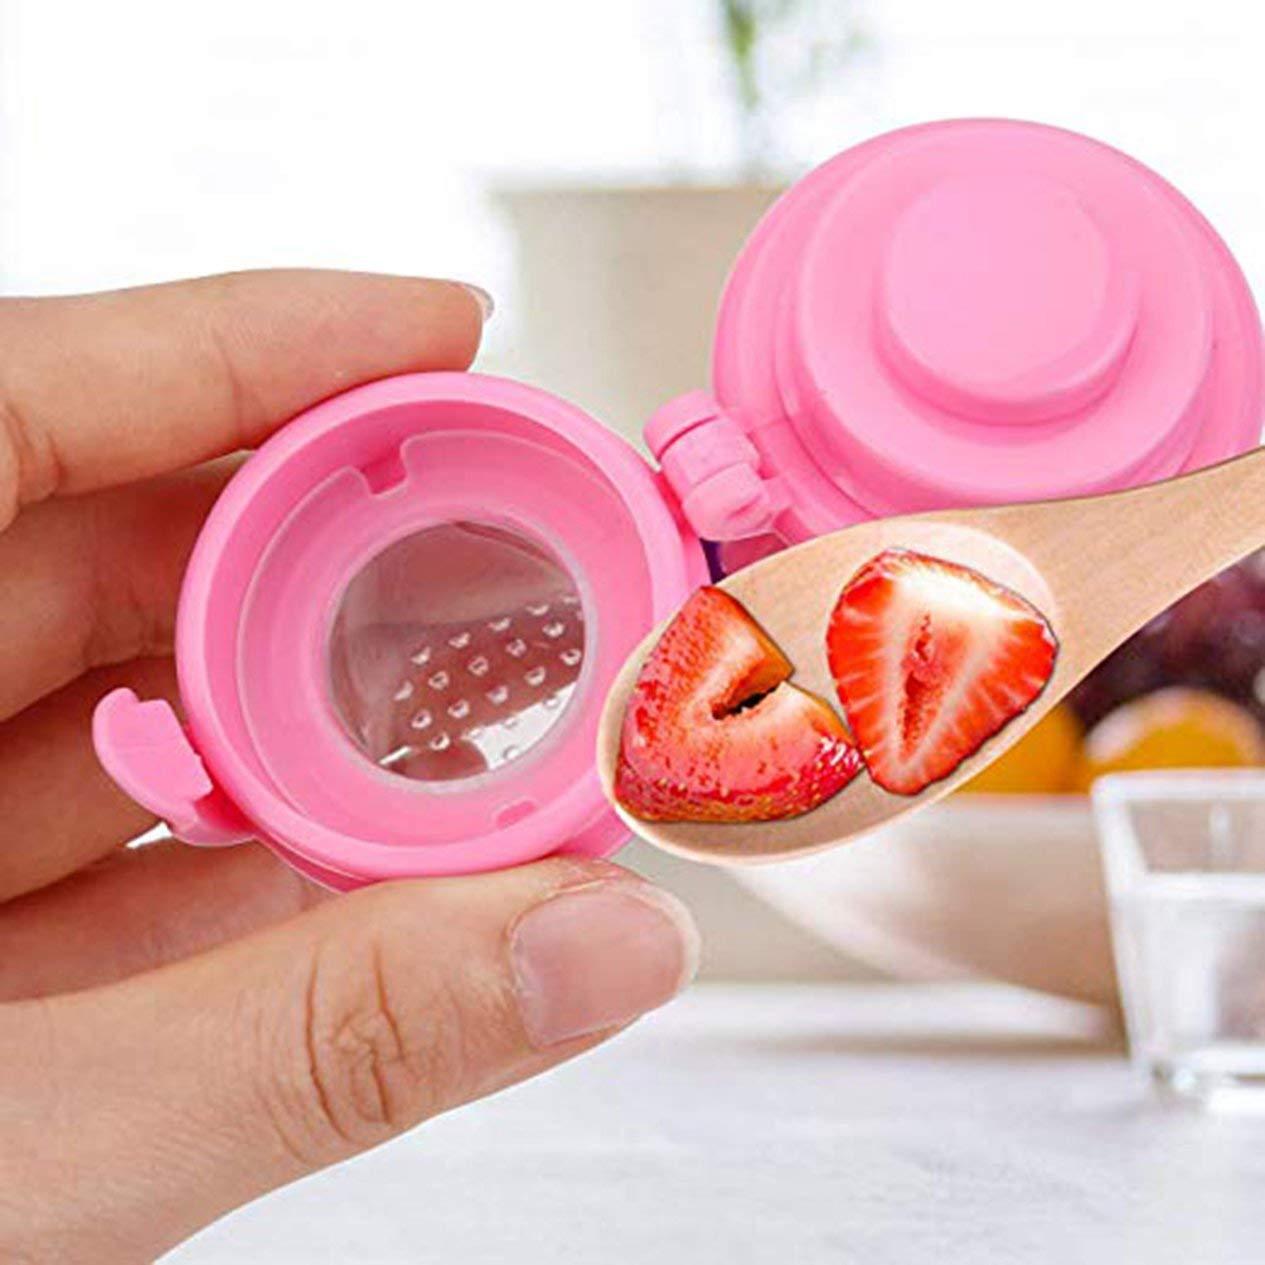 Rosa Baby Fruit Bite Bag Alimentador de fruta para beb/és Chupete Nutrici/ón para beb/és Masticaci/ón de frutas y verduras Fruta Mordida de comida M 29 mm